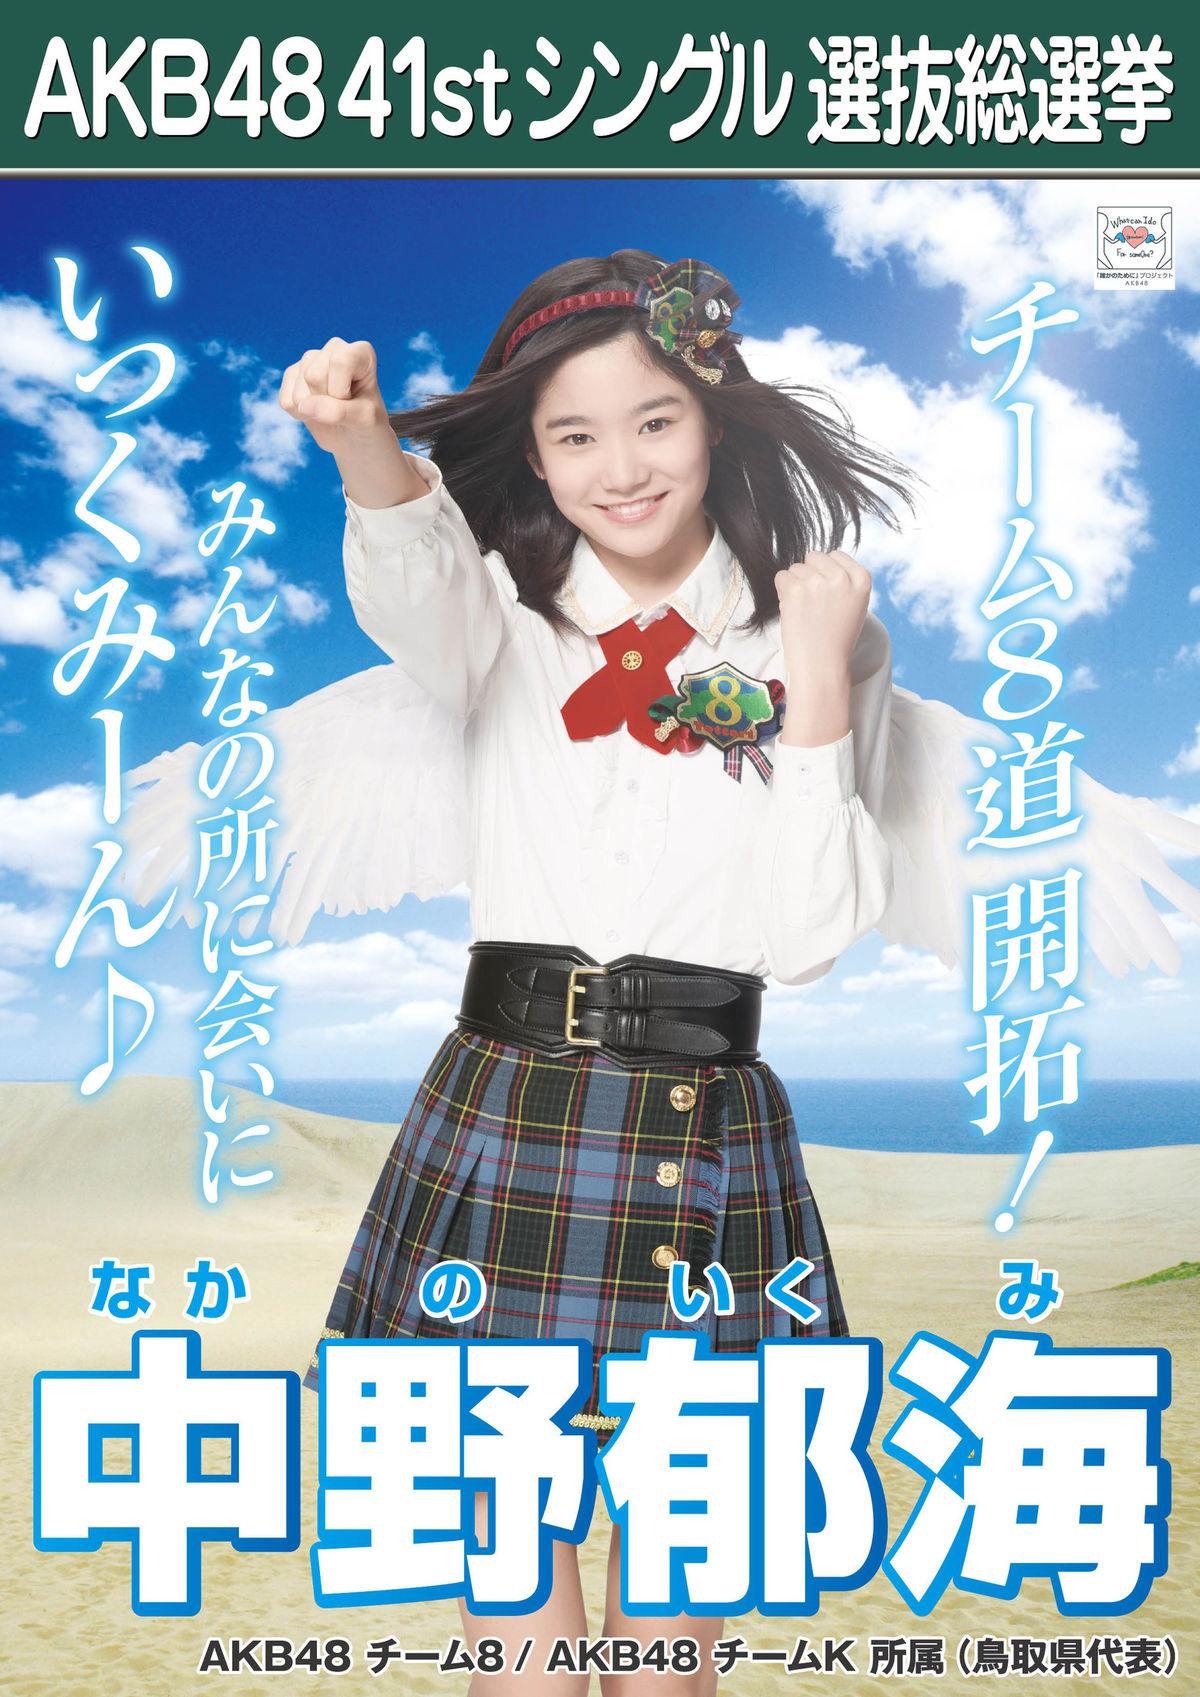 選挙ポスターの中野郁海。